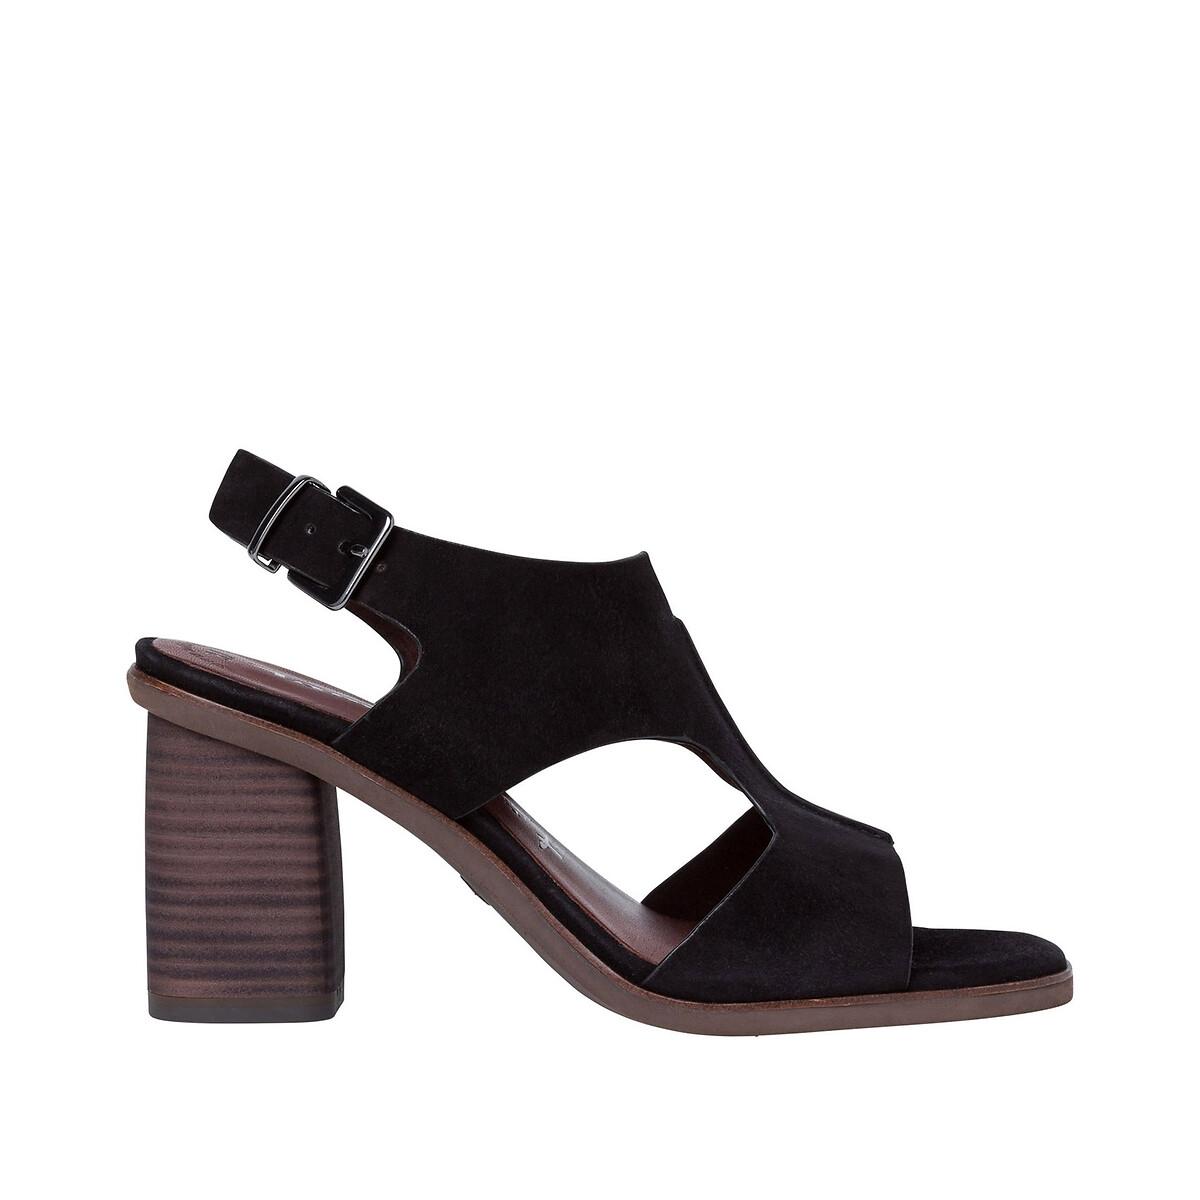 Босоножки La Redoute Кожаные на каблуке Naomy 39 черный